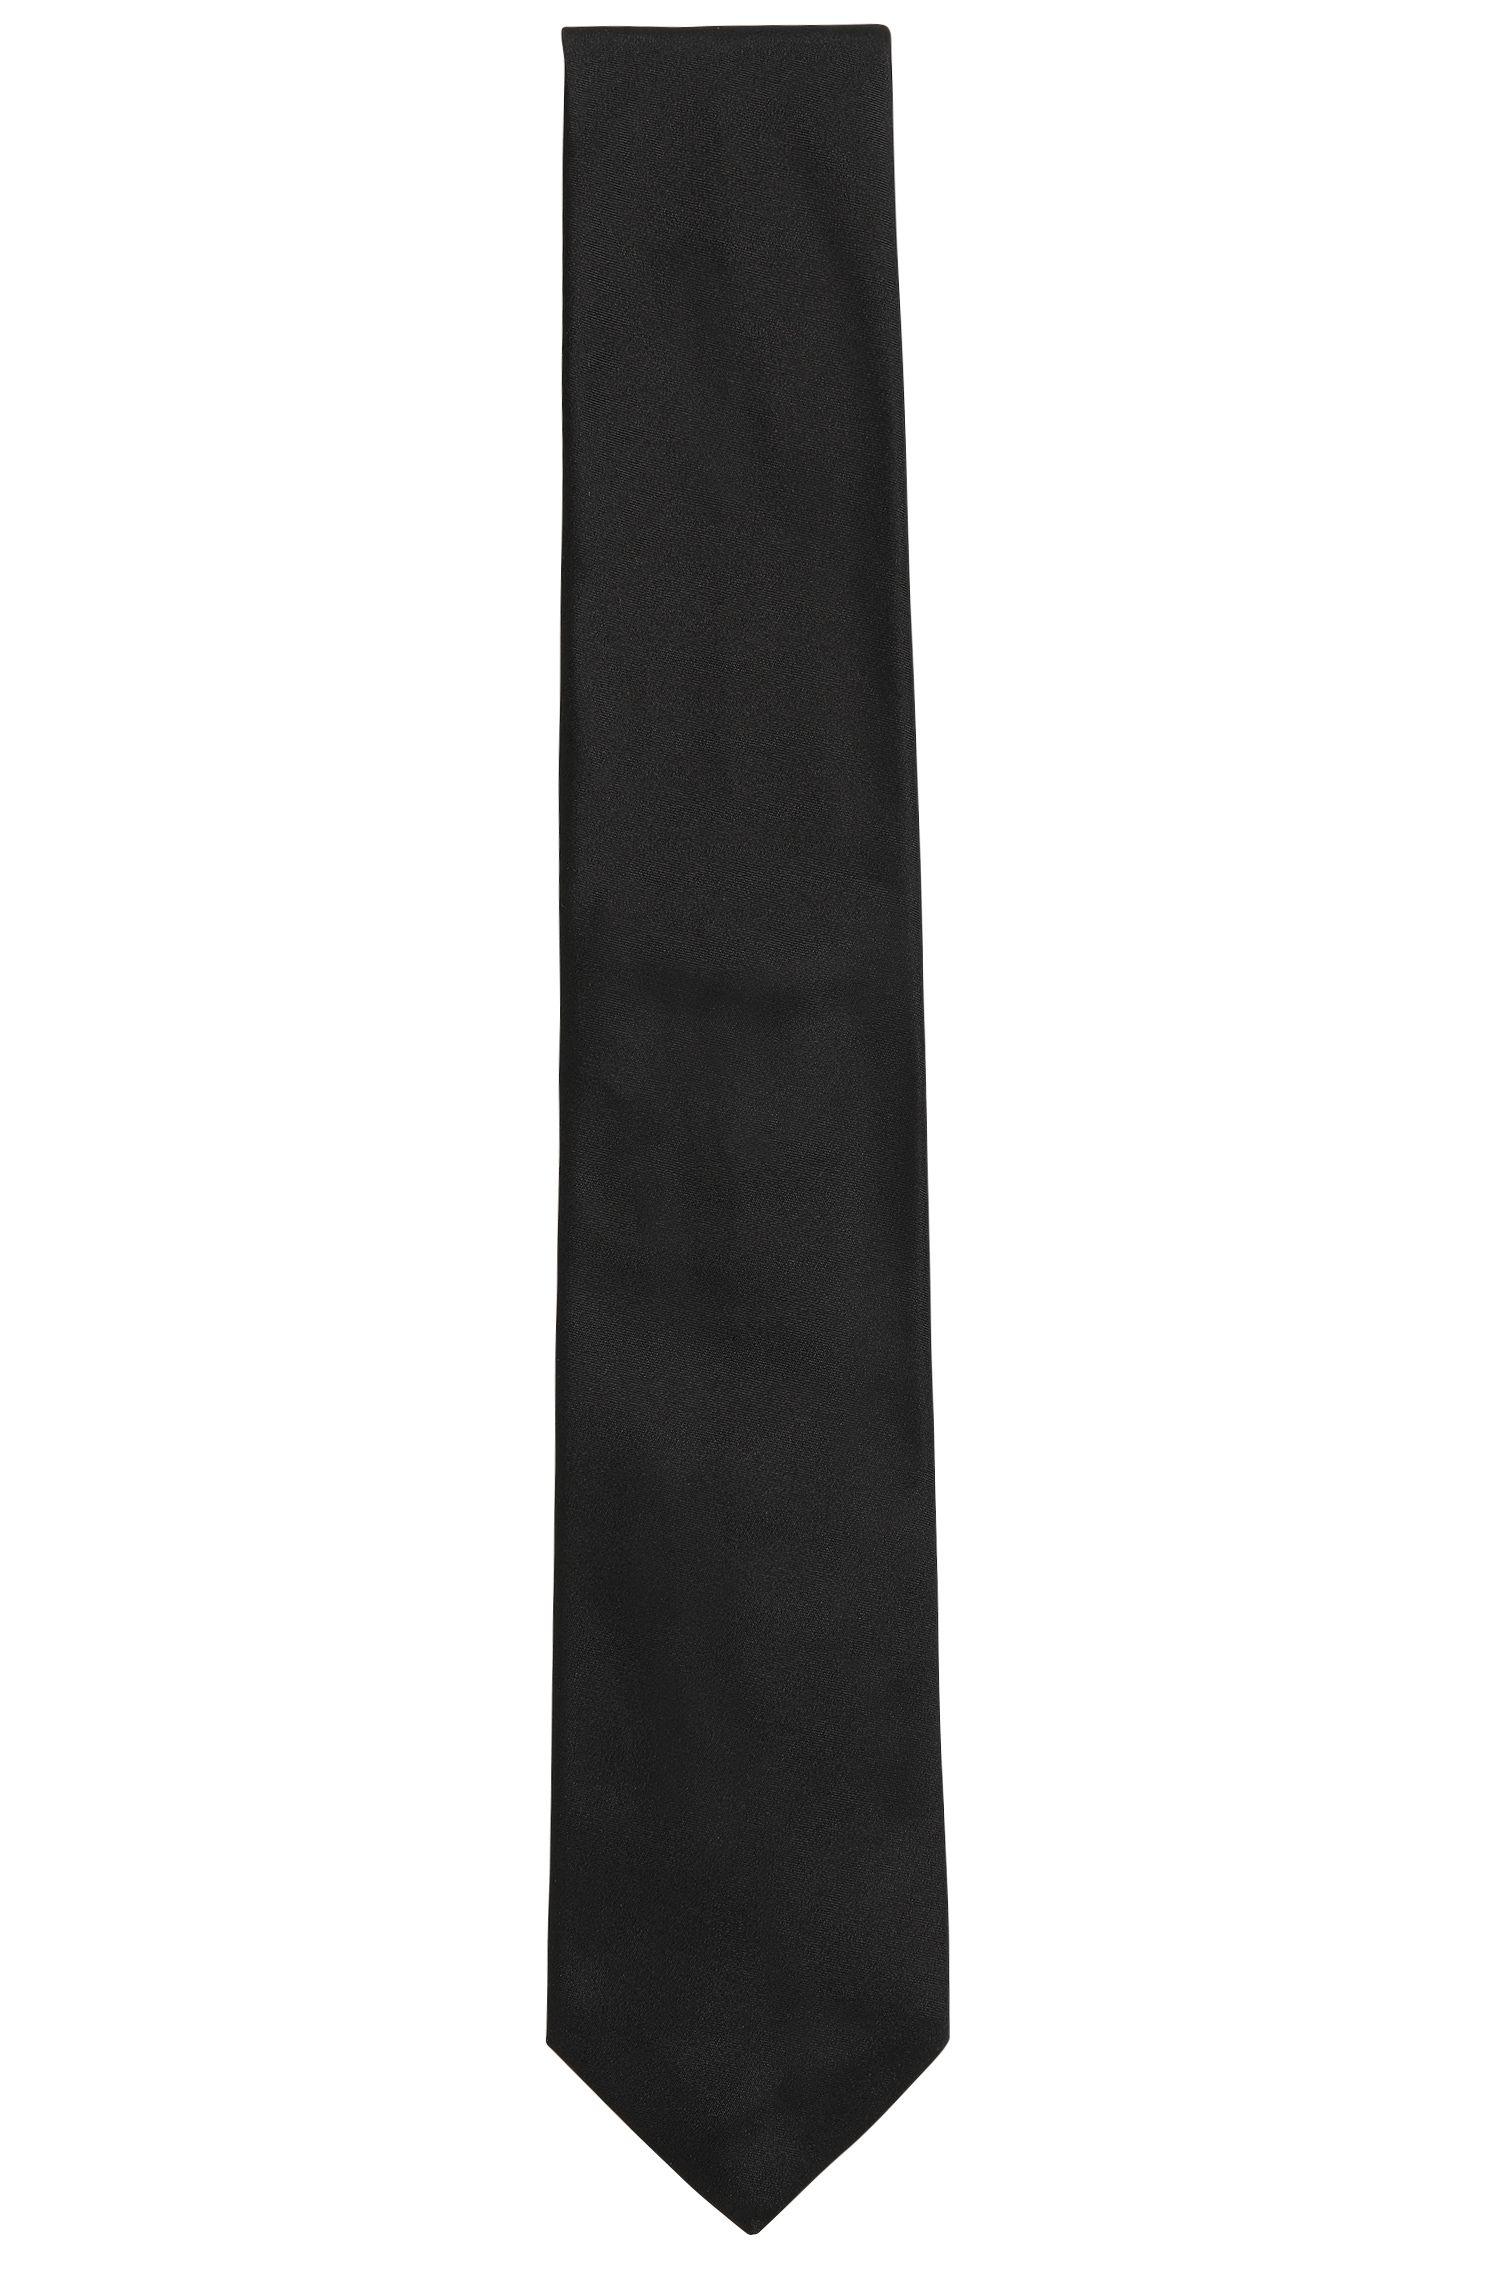 Cravatta realizzata in Italia in pura seta